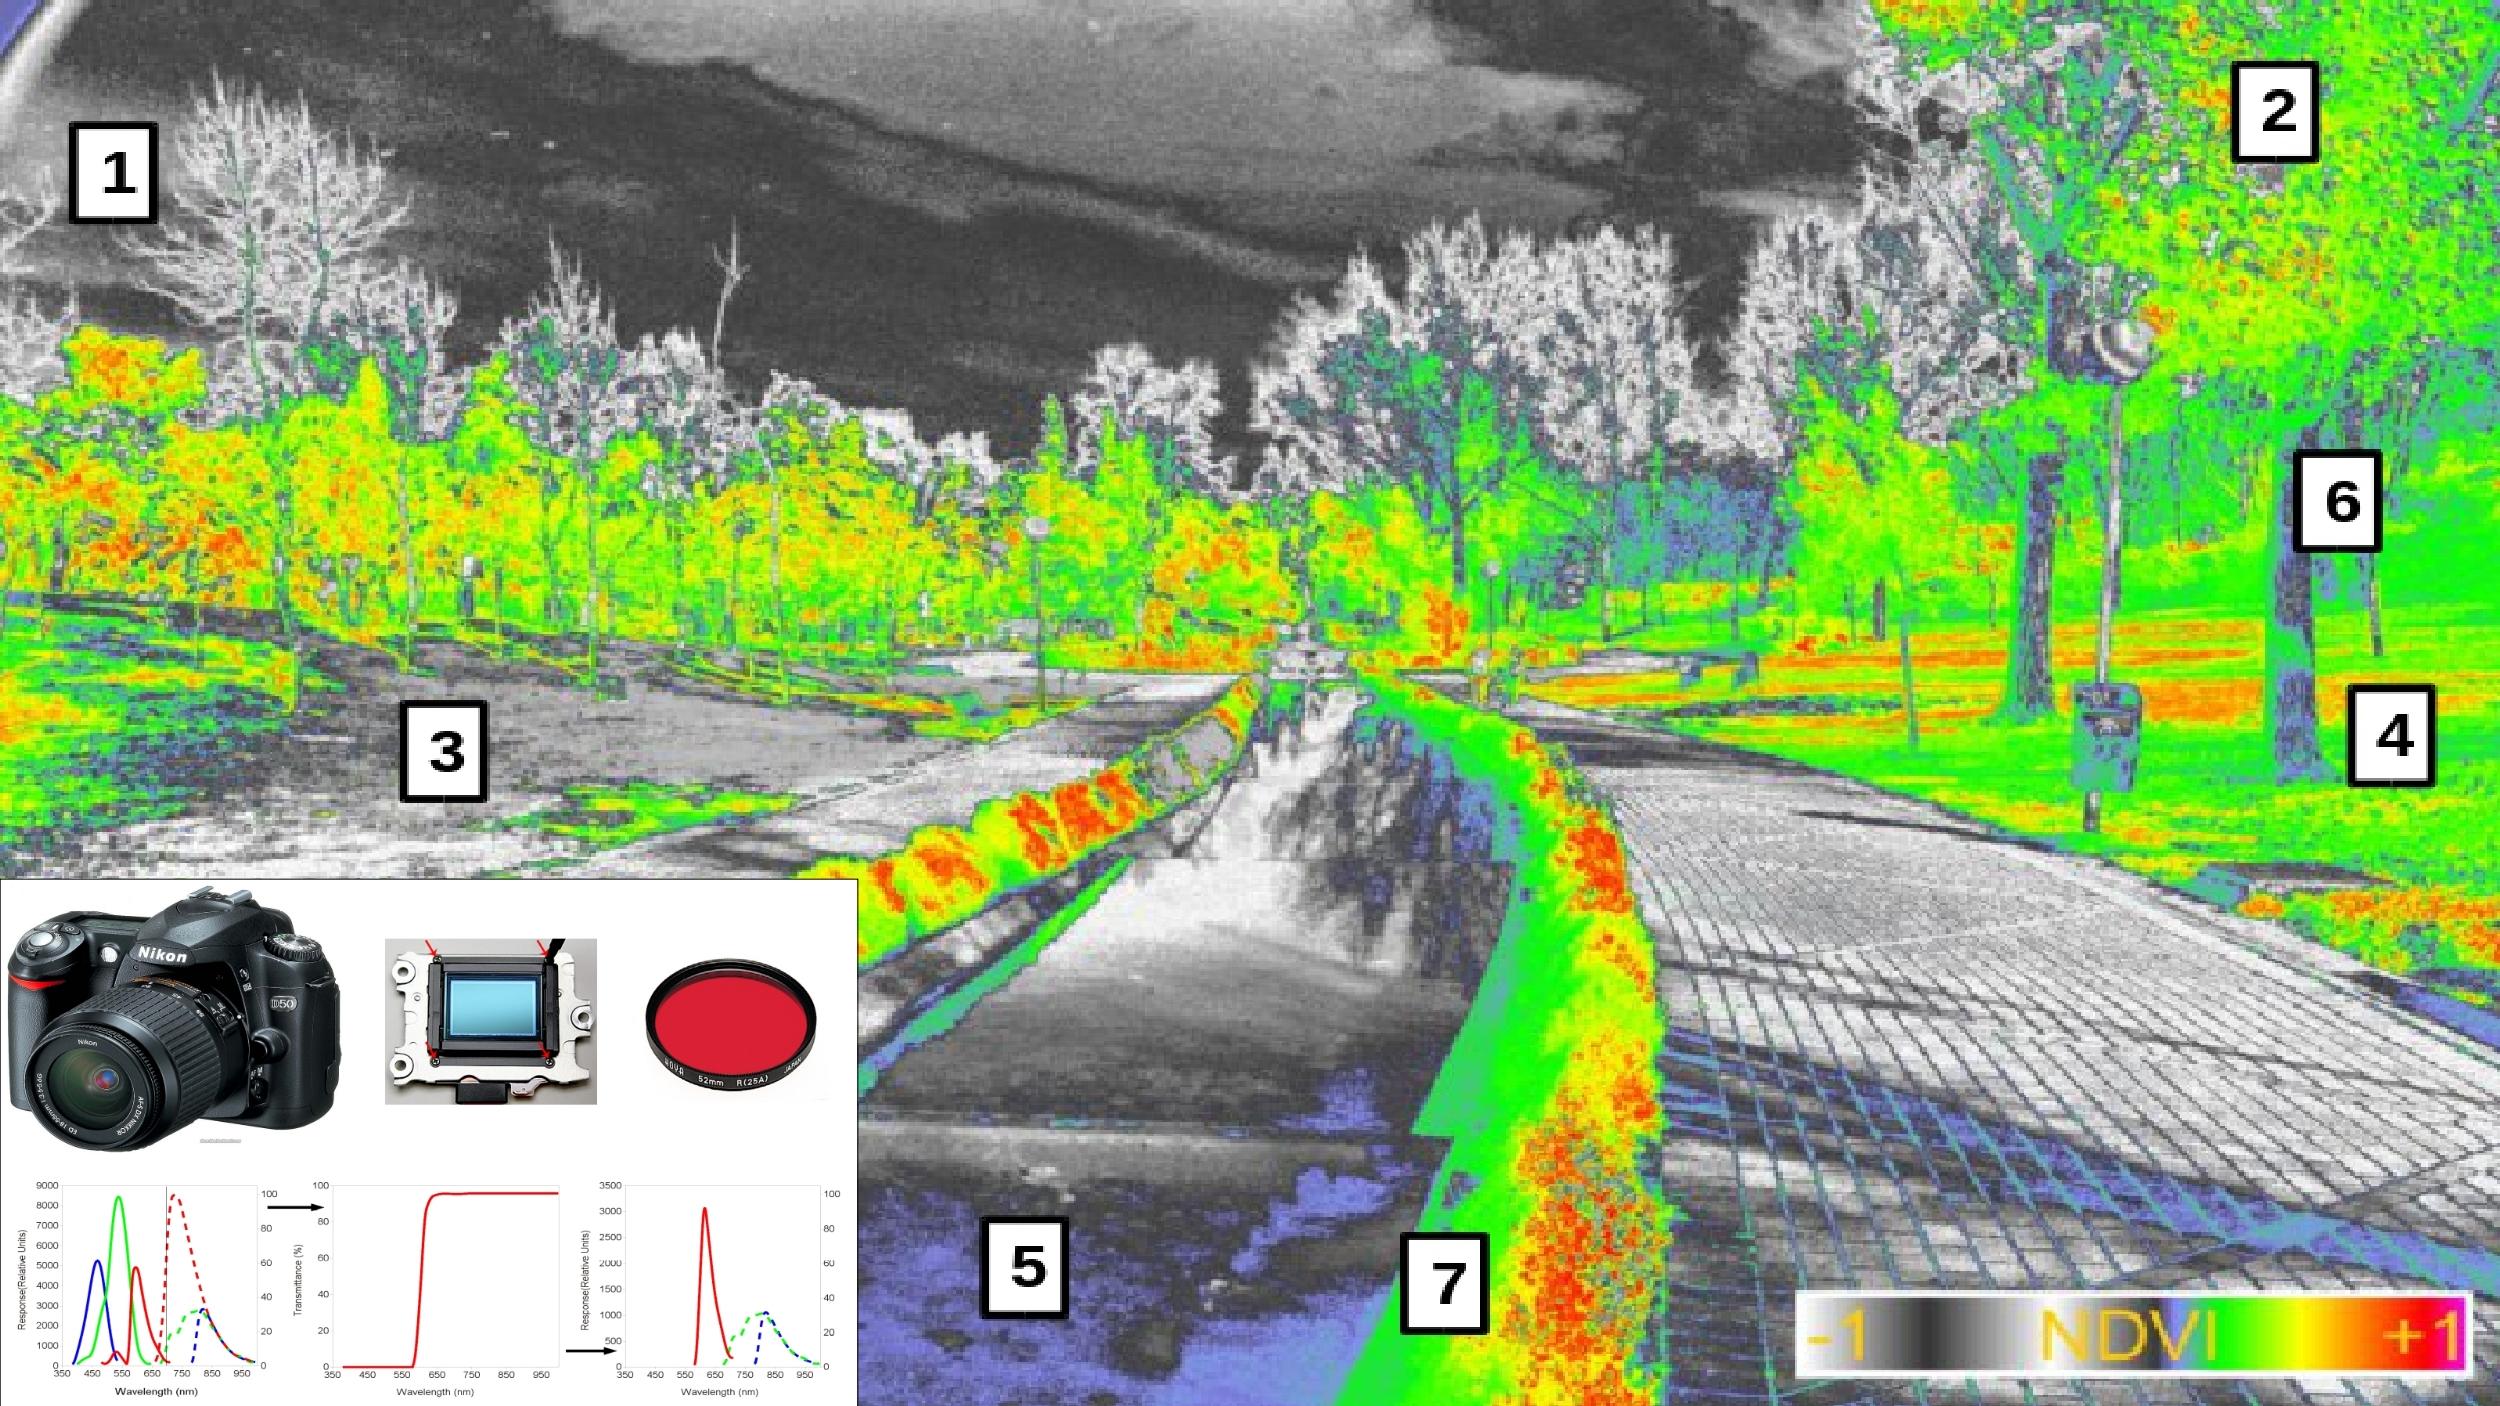 Una técnica desarrollada en la UEx permite medir la actividad fotosintética de las plantas utilizando una cámara fotográfica convencional